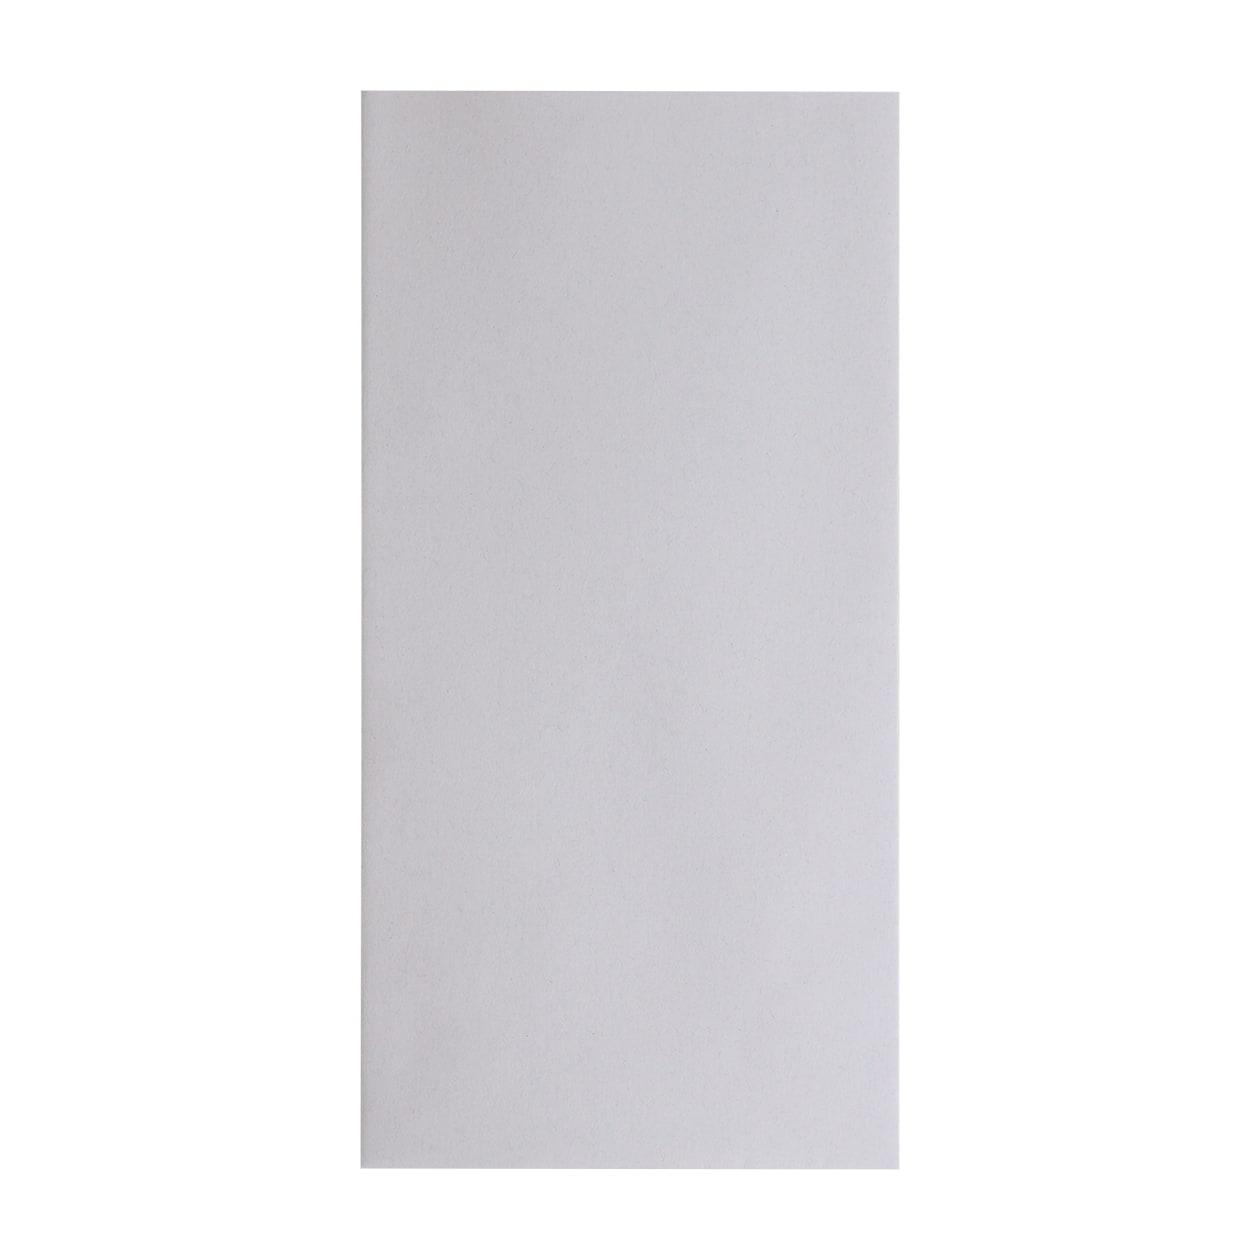 平袋160×320 HAGURUMA Basic ライナーグレイ 100g